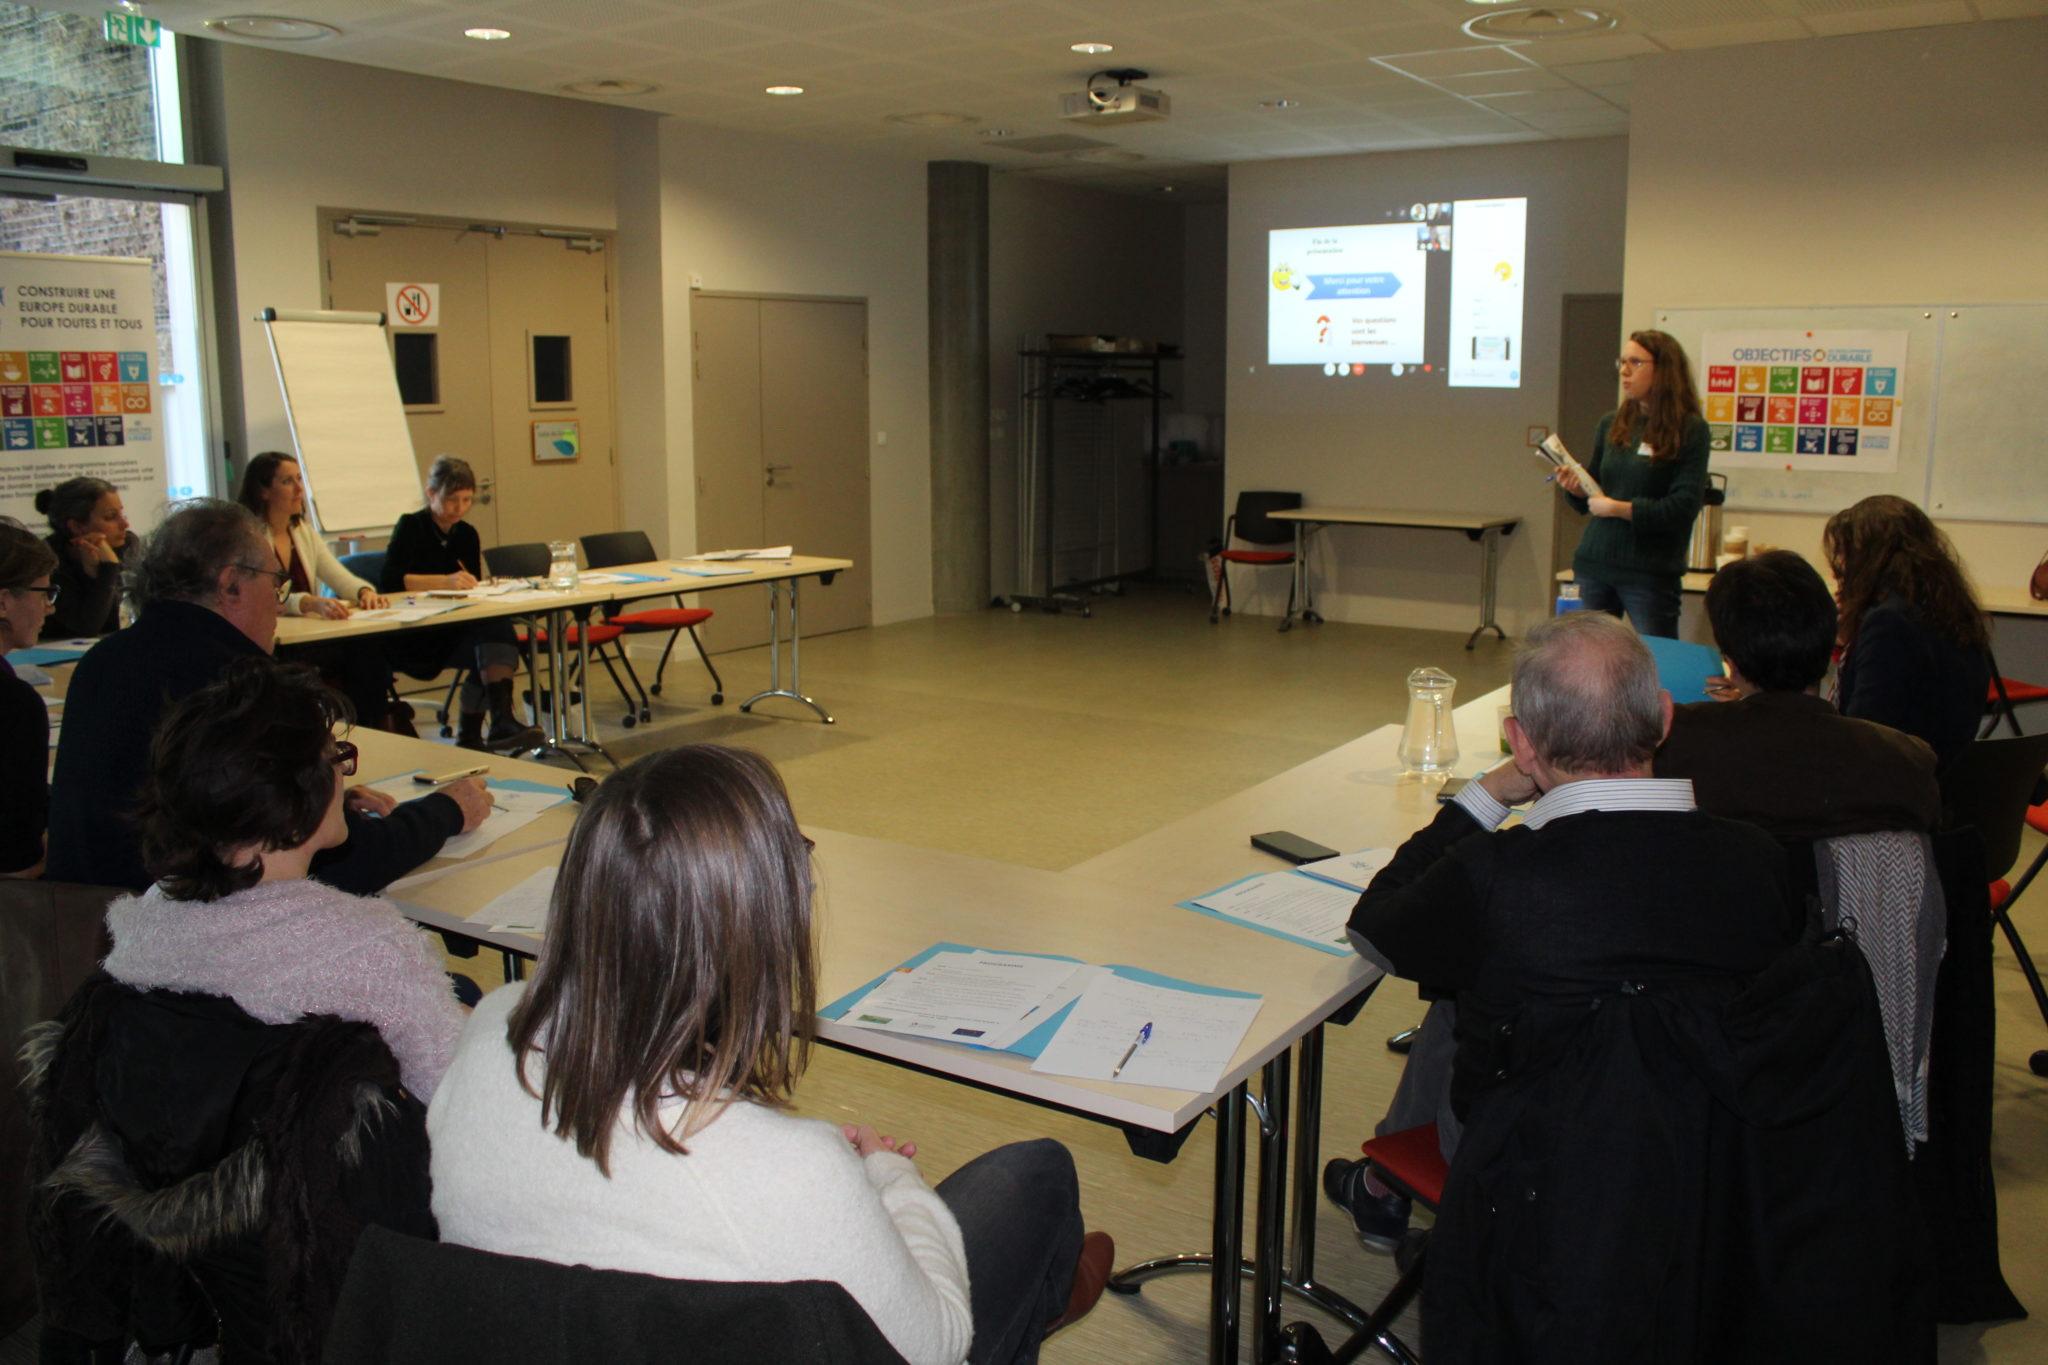 Réflexions et débats autour de l'alimentation et l'agriculture durables